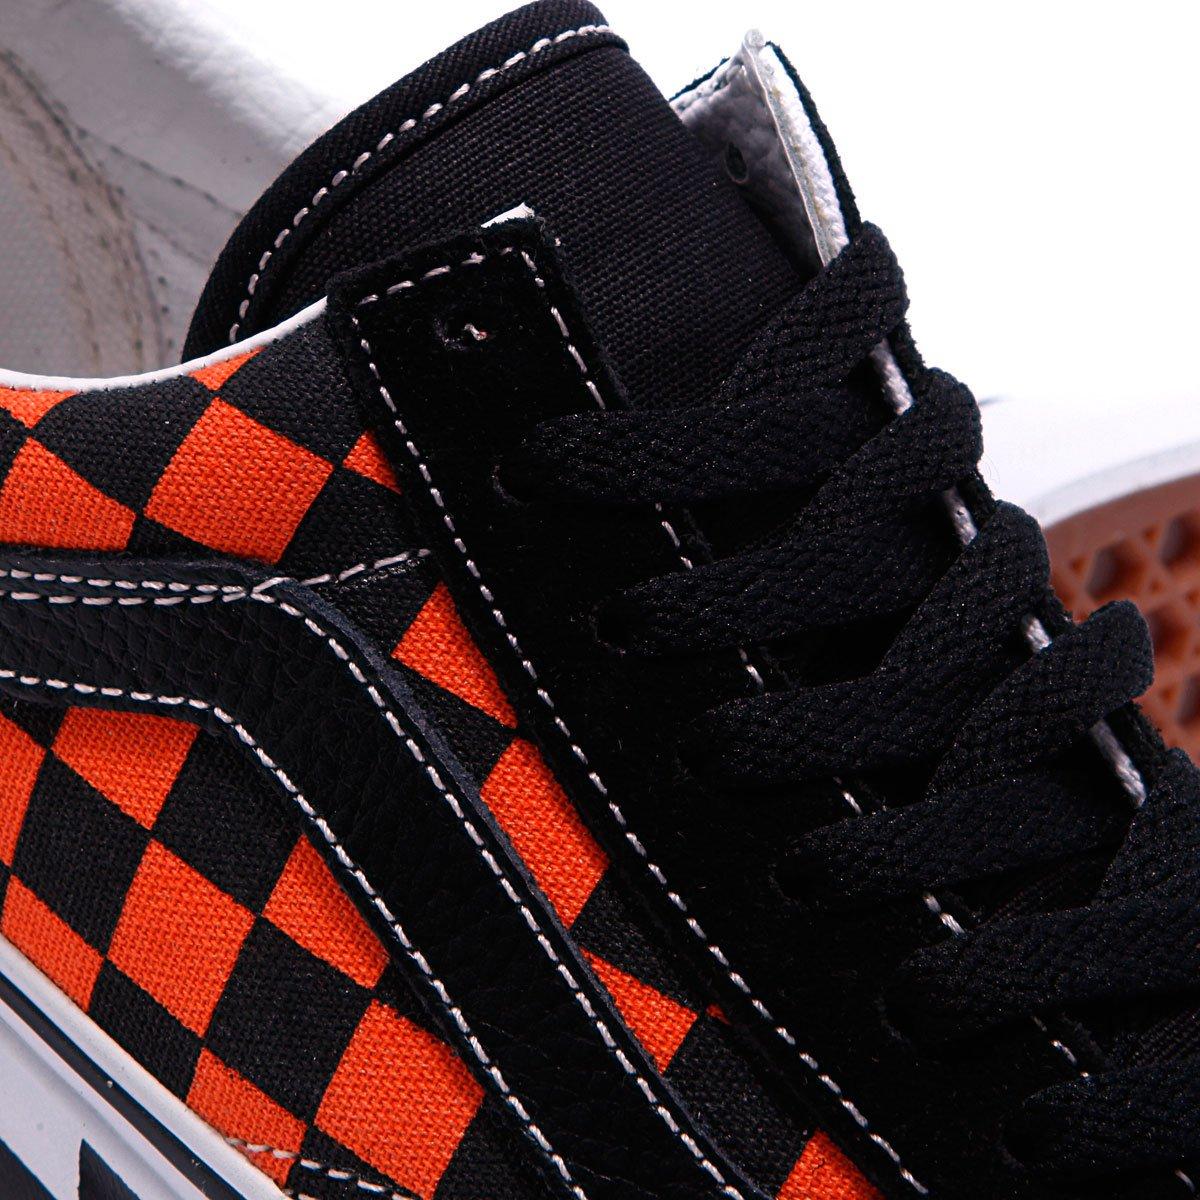 5c3c8139e Купить кеды Vans Old Skool Black/Flame/Snorkel Blue (070711vans151 ...